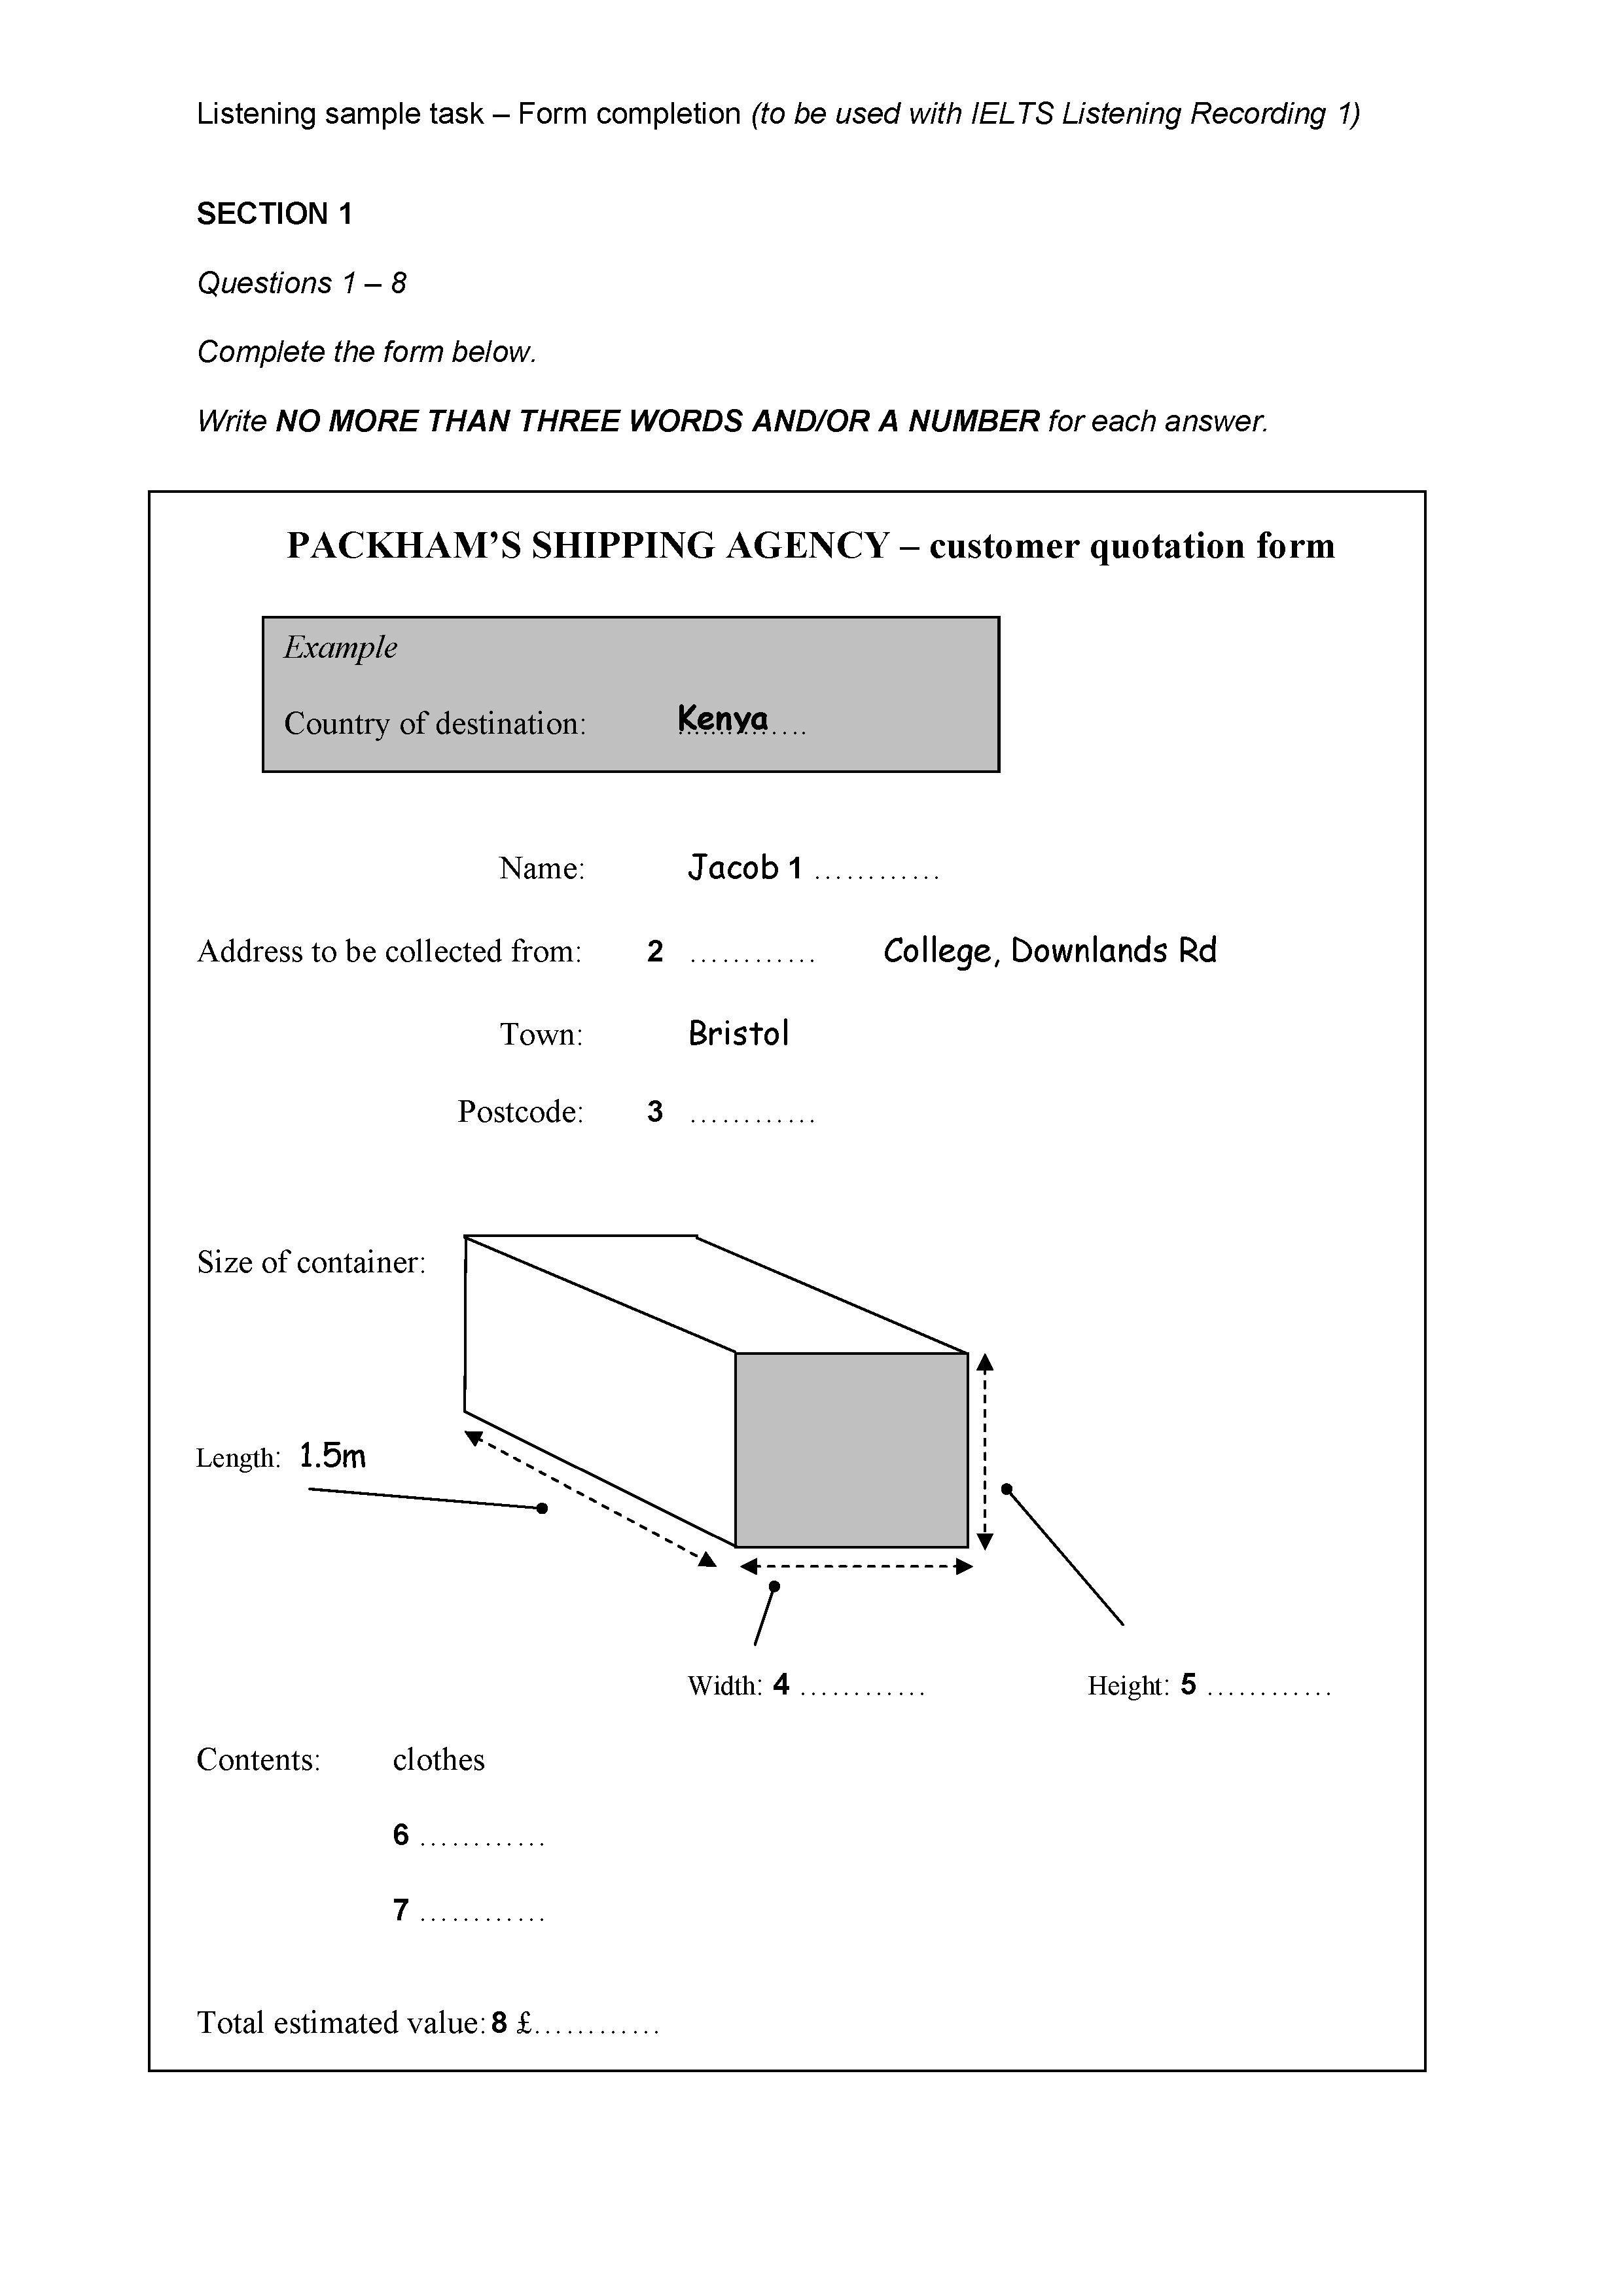 ielts listening sample task form completion social media executive cv diploma resume format pdf download restaurant general manager